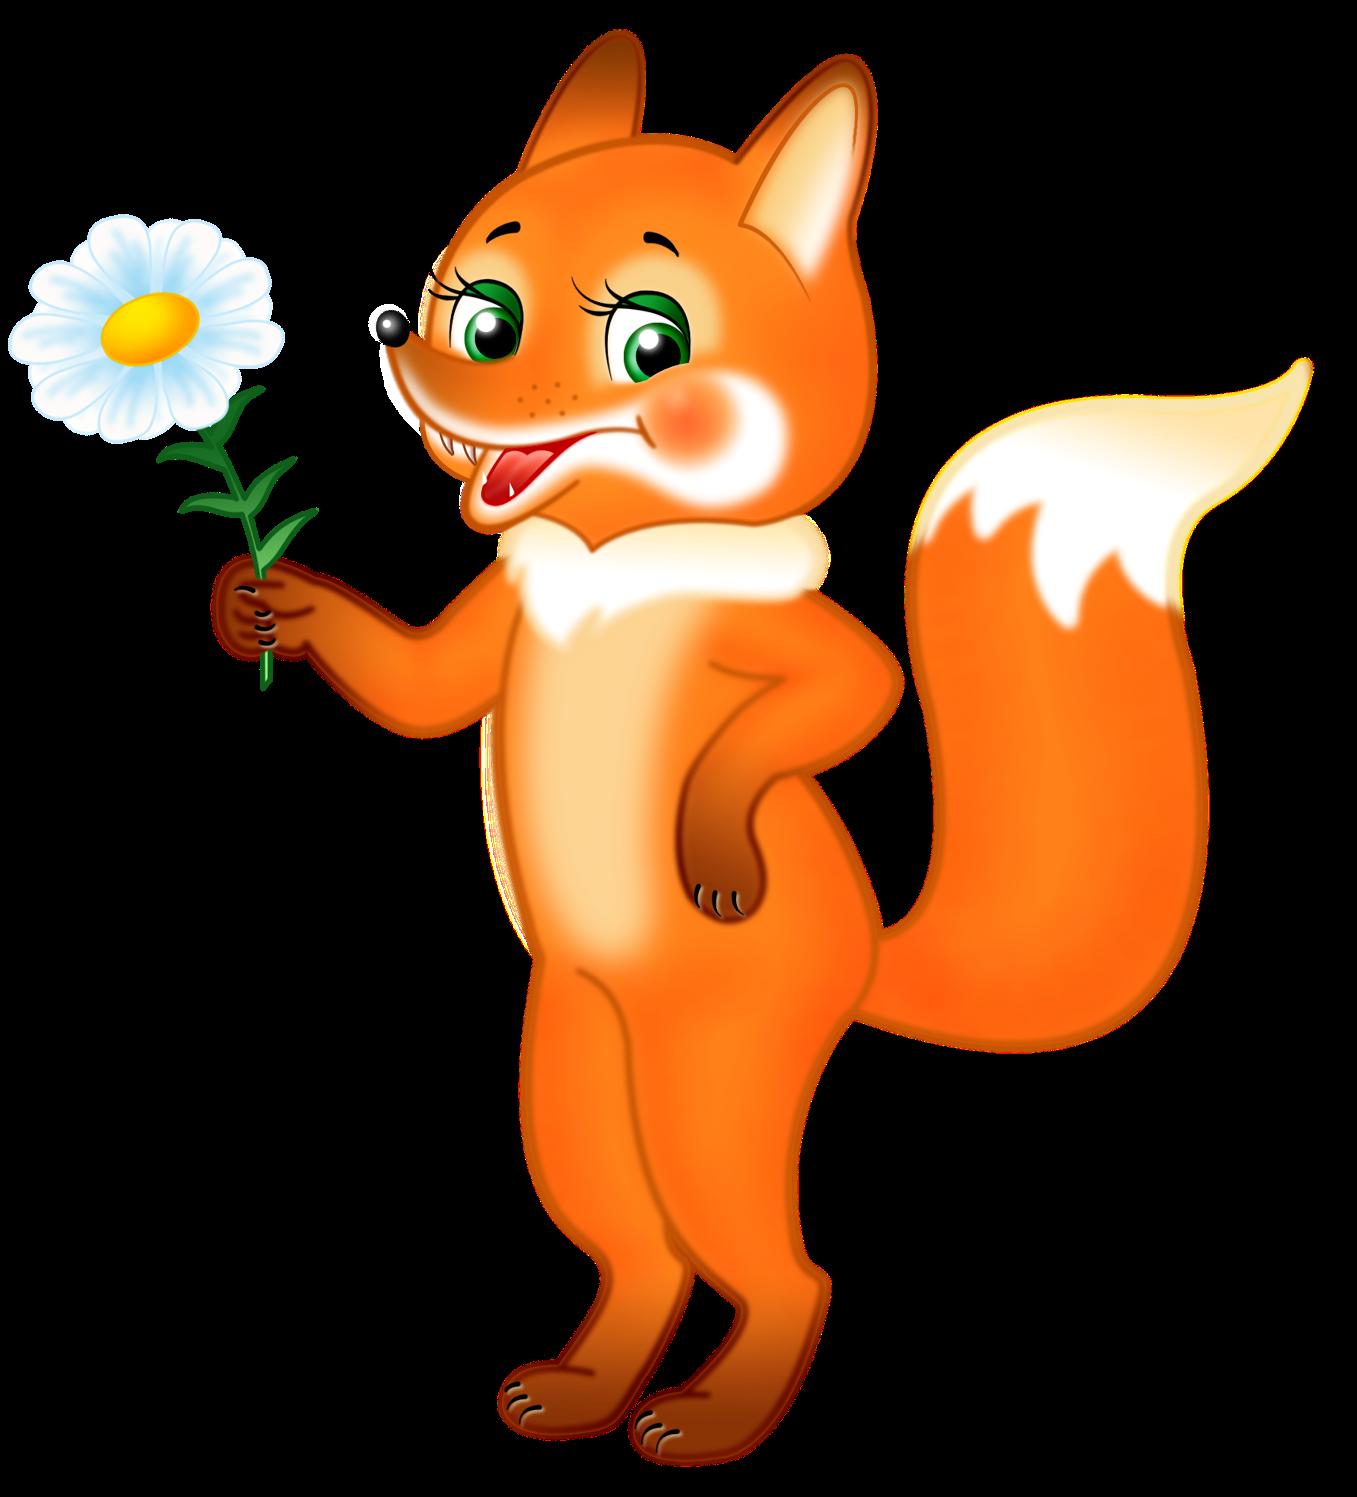 Картинки с лисичками для детей